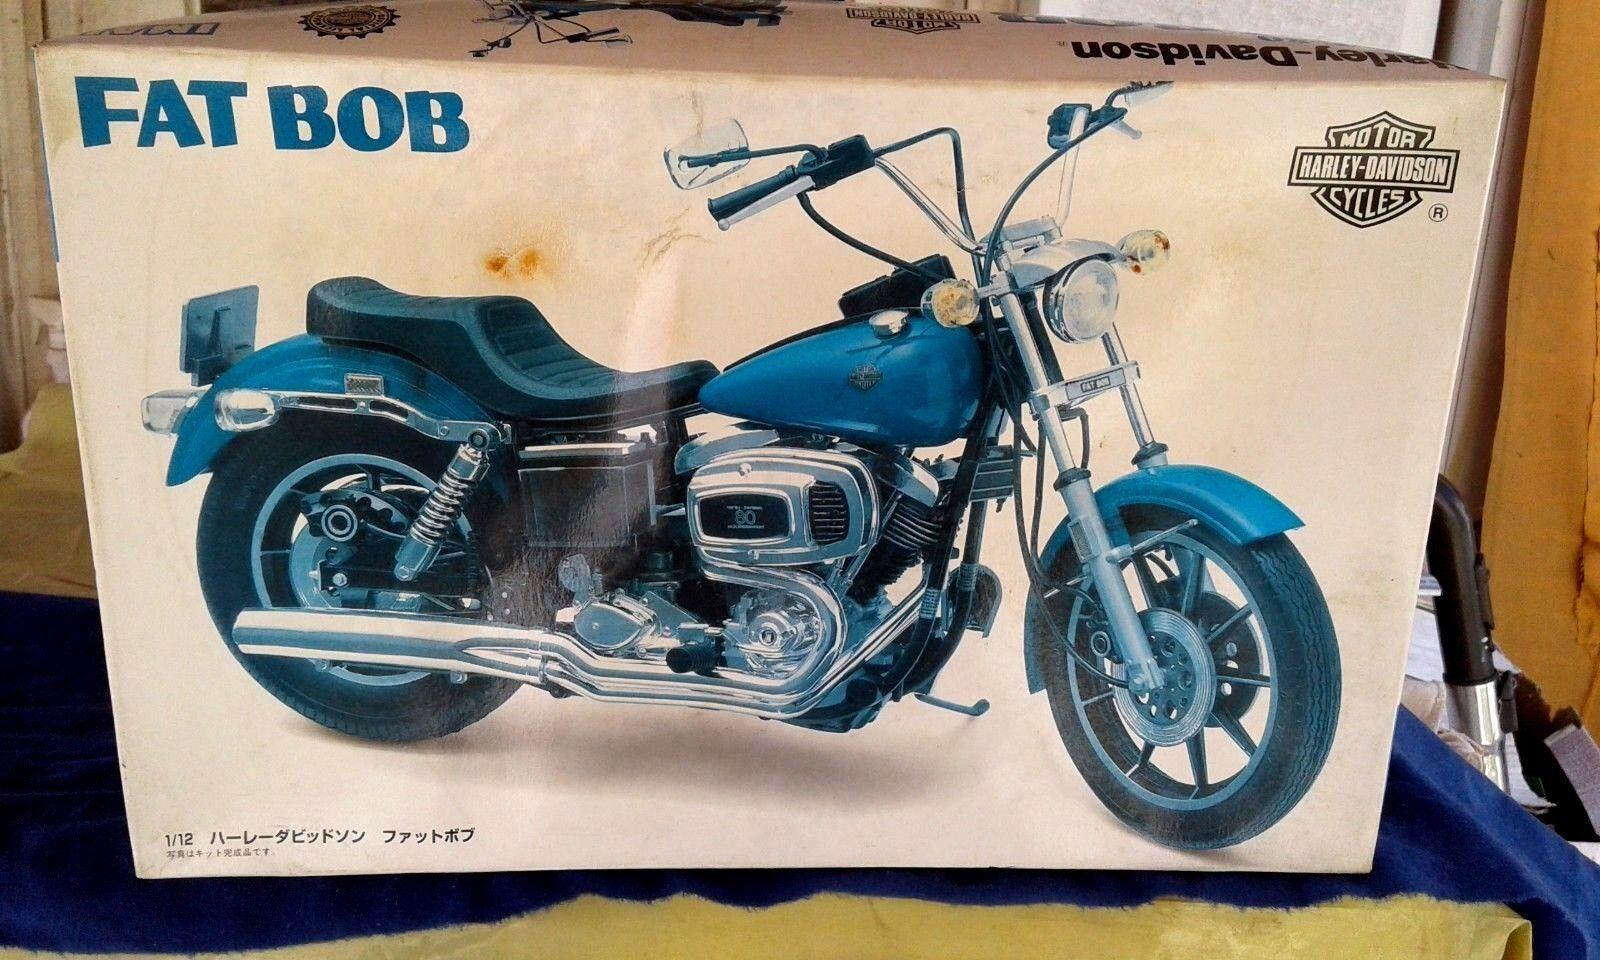 1 12 IMAI  kits, HARLEY DAVIDSON, FAT BOB, FXE  F80 ,very  rare